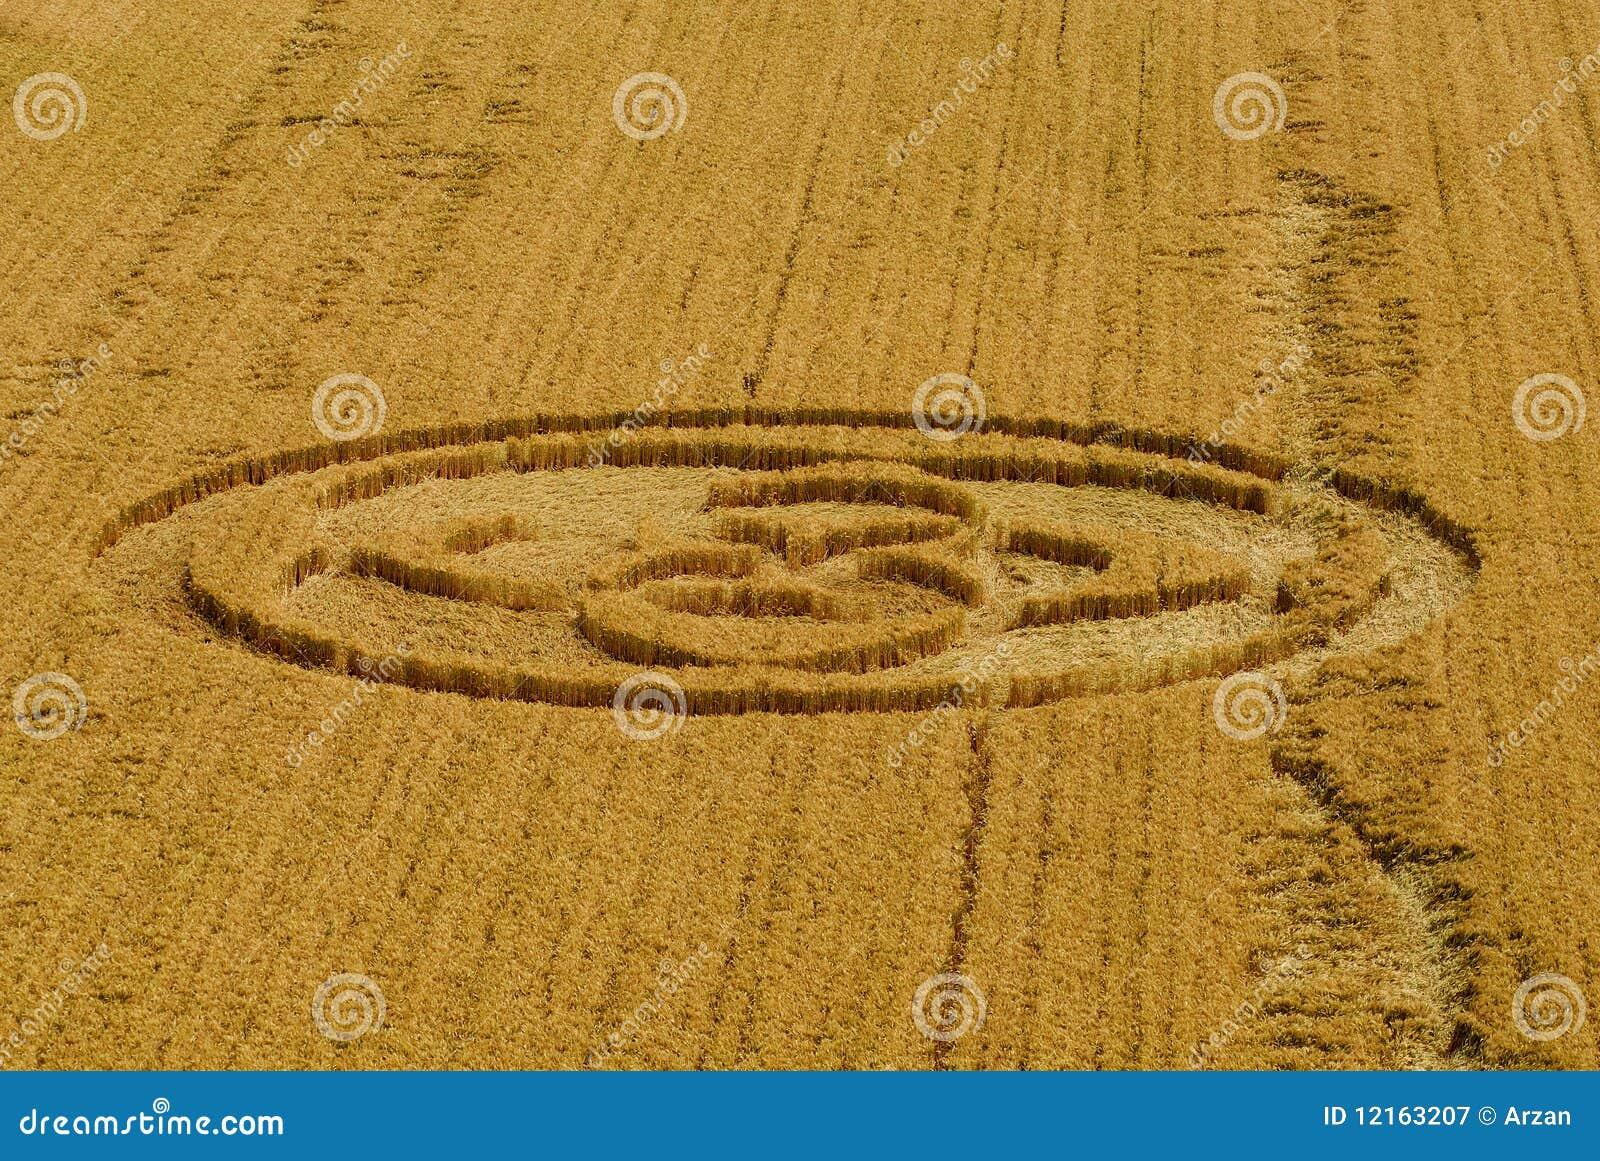 Italian crop circle